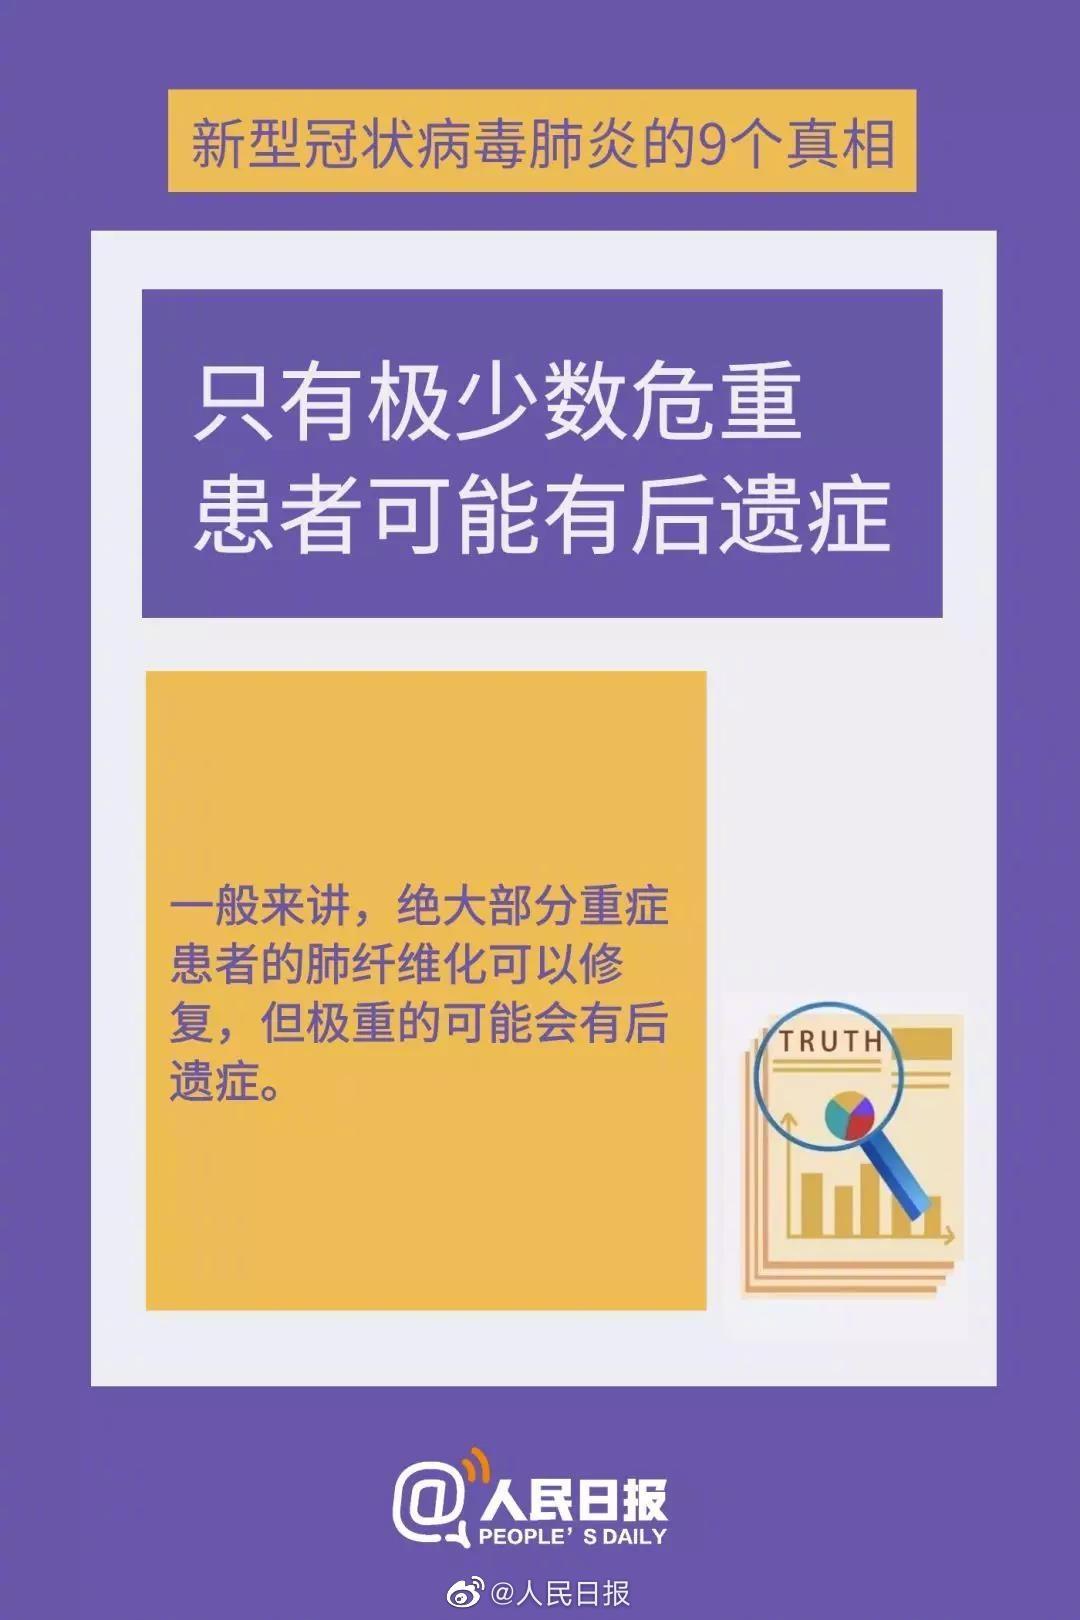 新建文件夹 (2)img-373af9d8f7494264c9d2220b62ec83d2.jpg